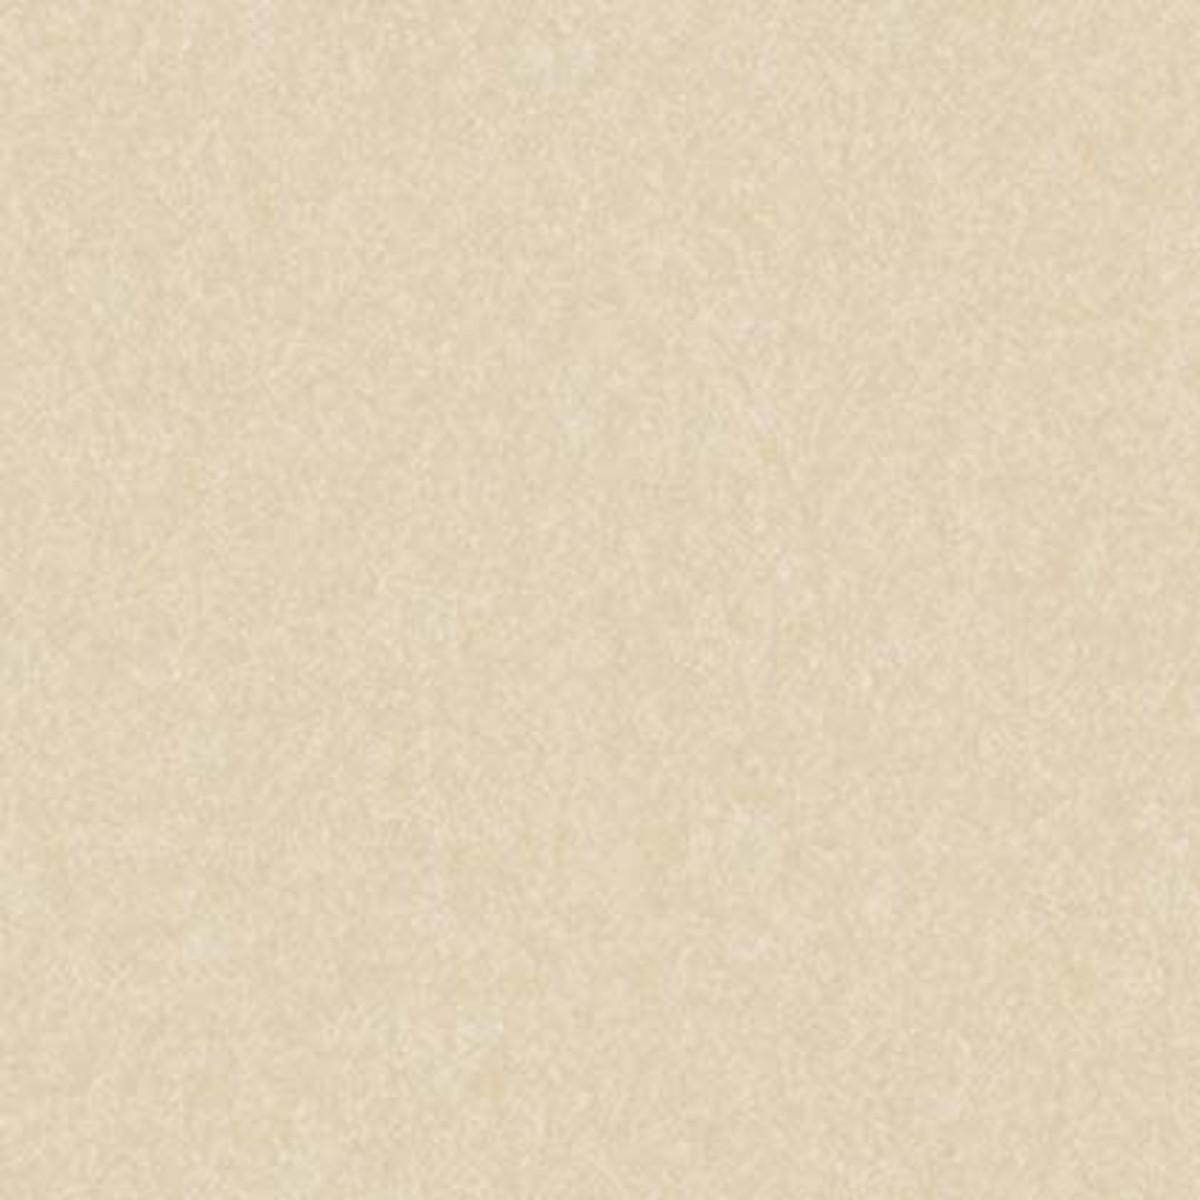 Обои виниловые Gaenari бежевые 1.06 м 97422-2